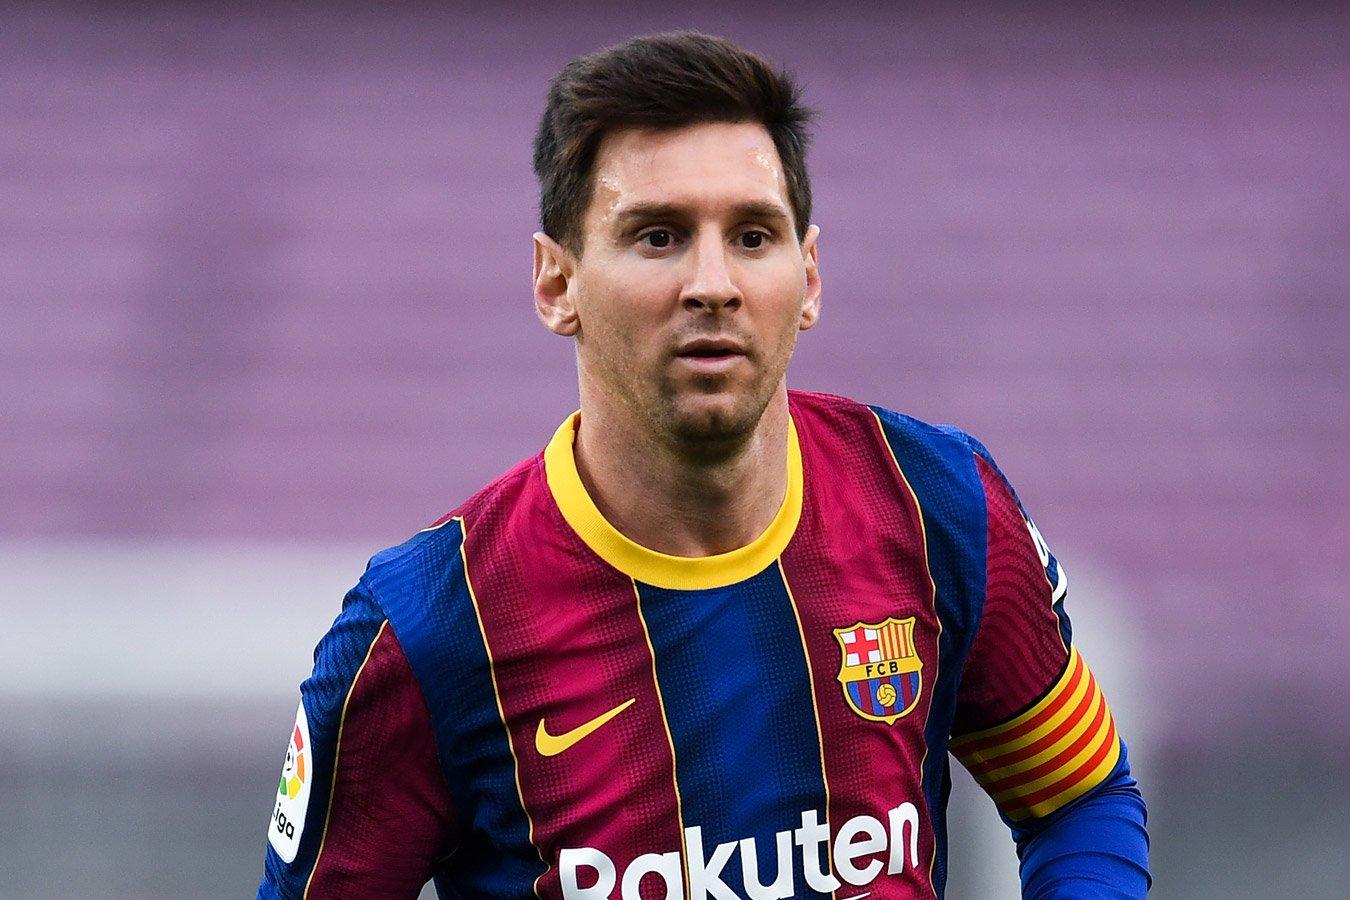 Месси не собирается подписывать новый контракт с «Барселоной» - Чемпионат